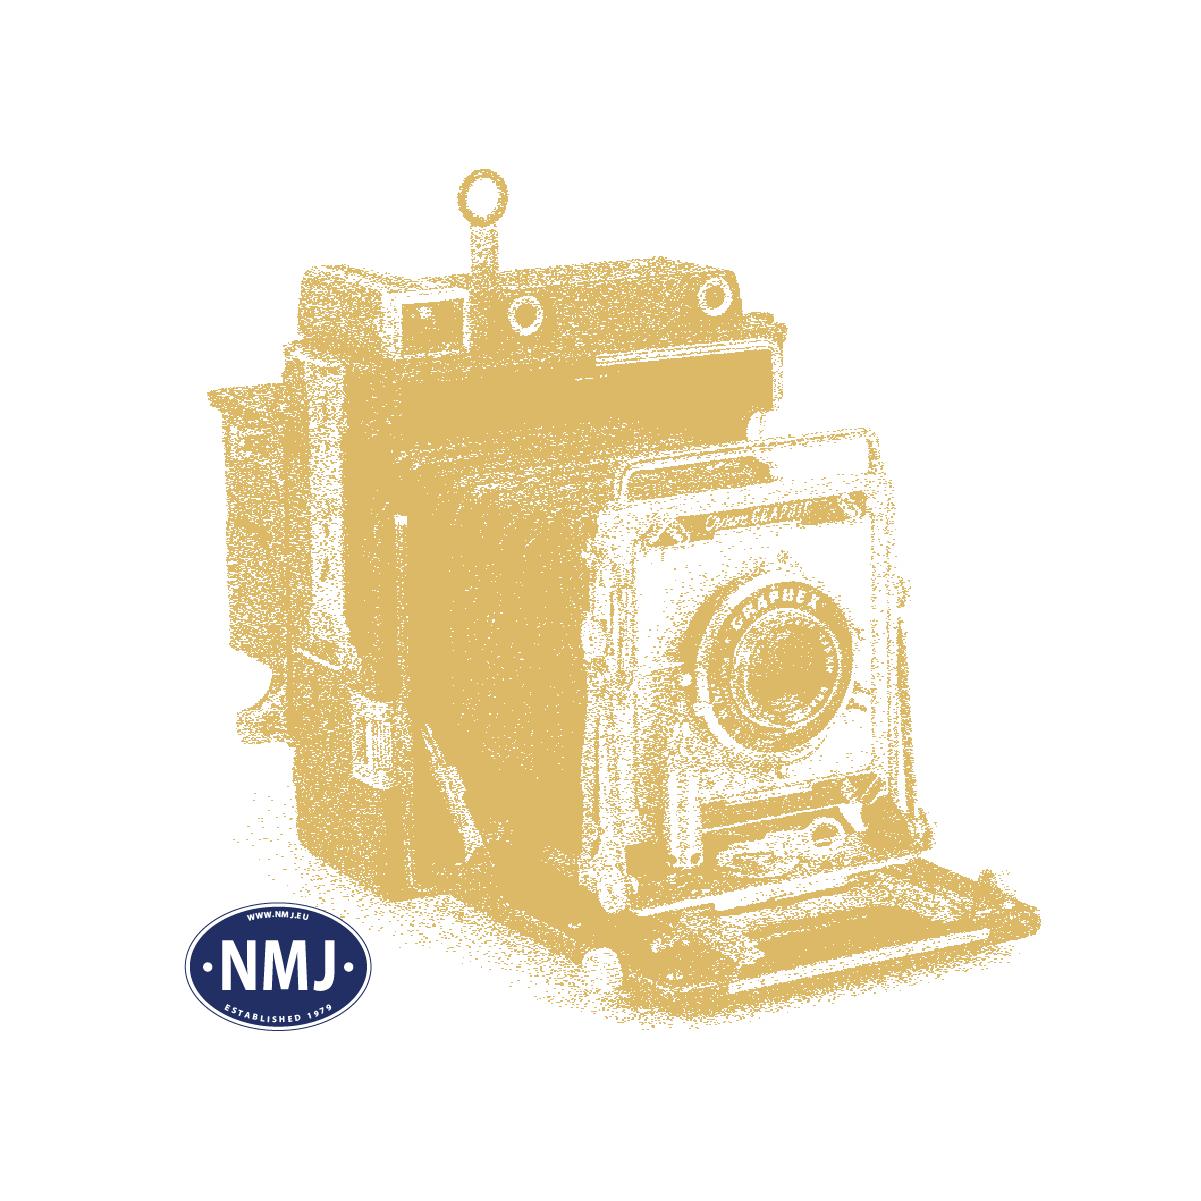 NMJT9909 - Diverse Støpedeler for El13